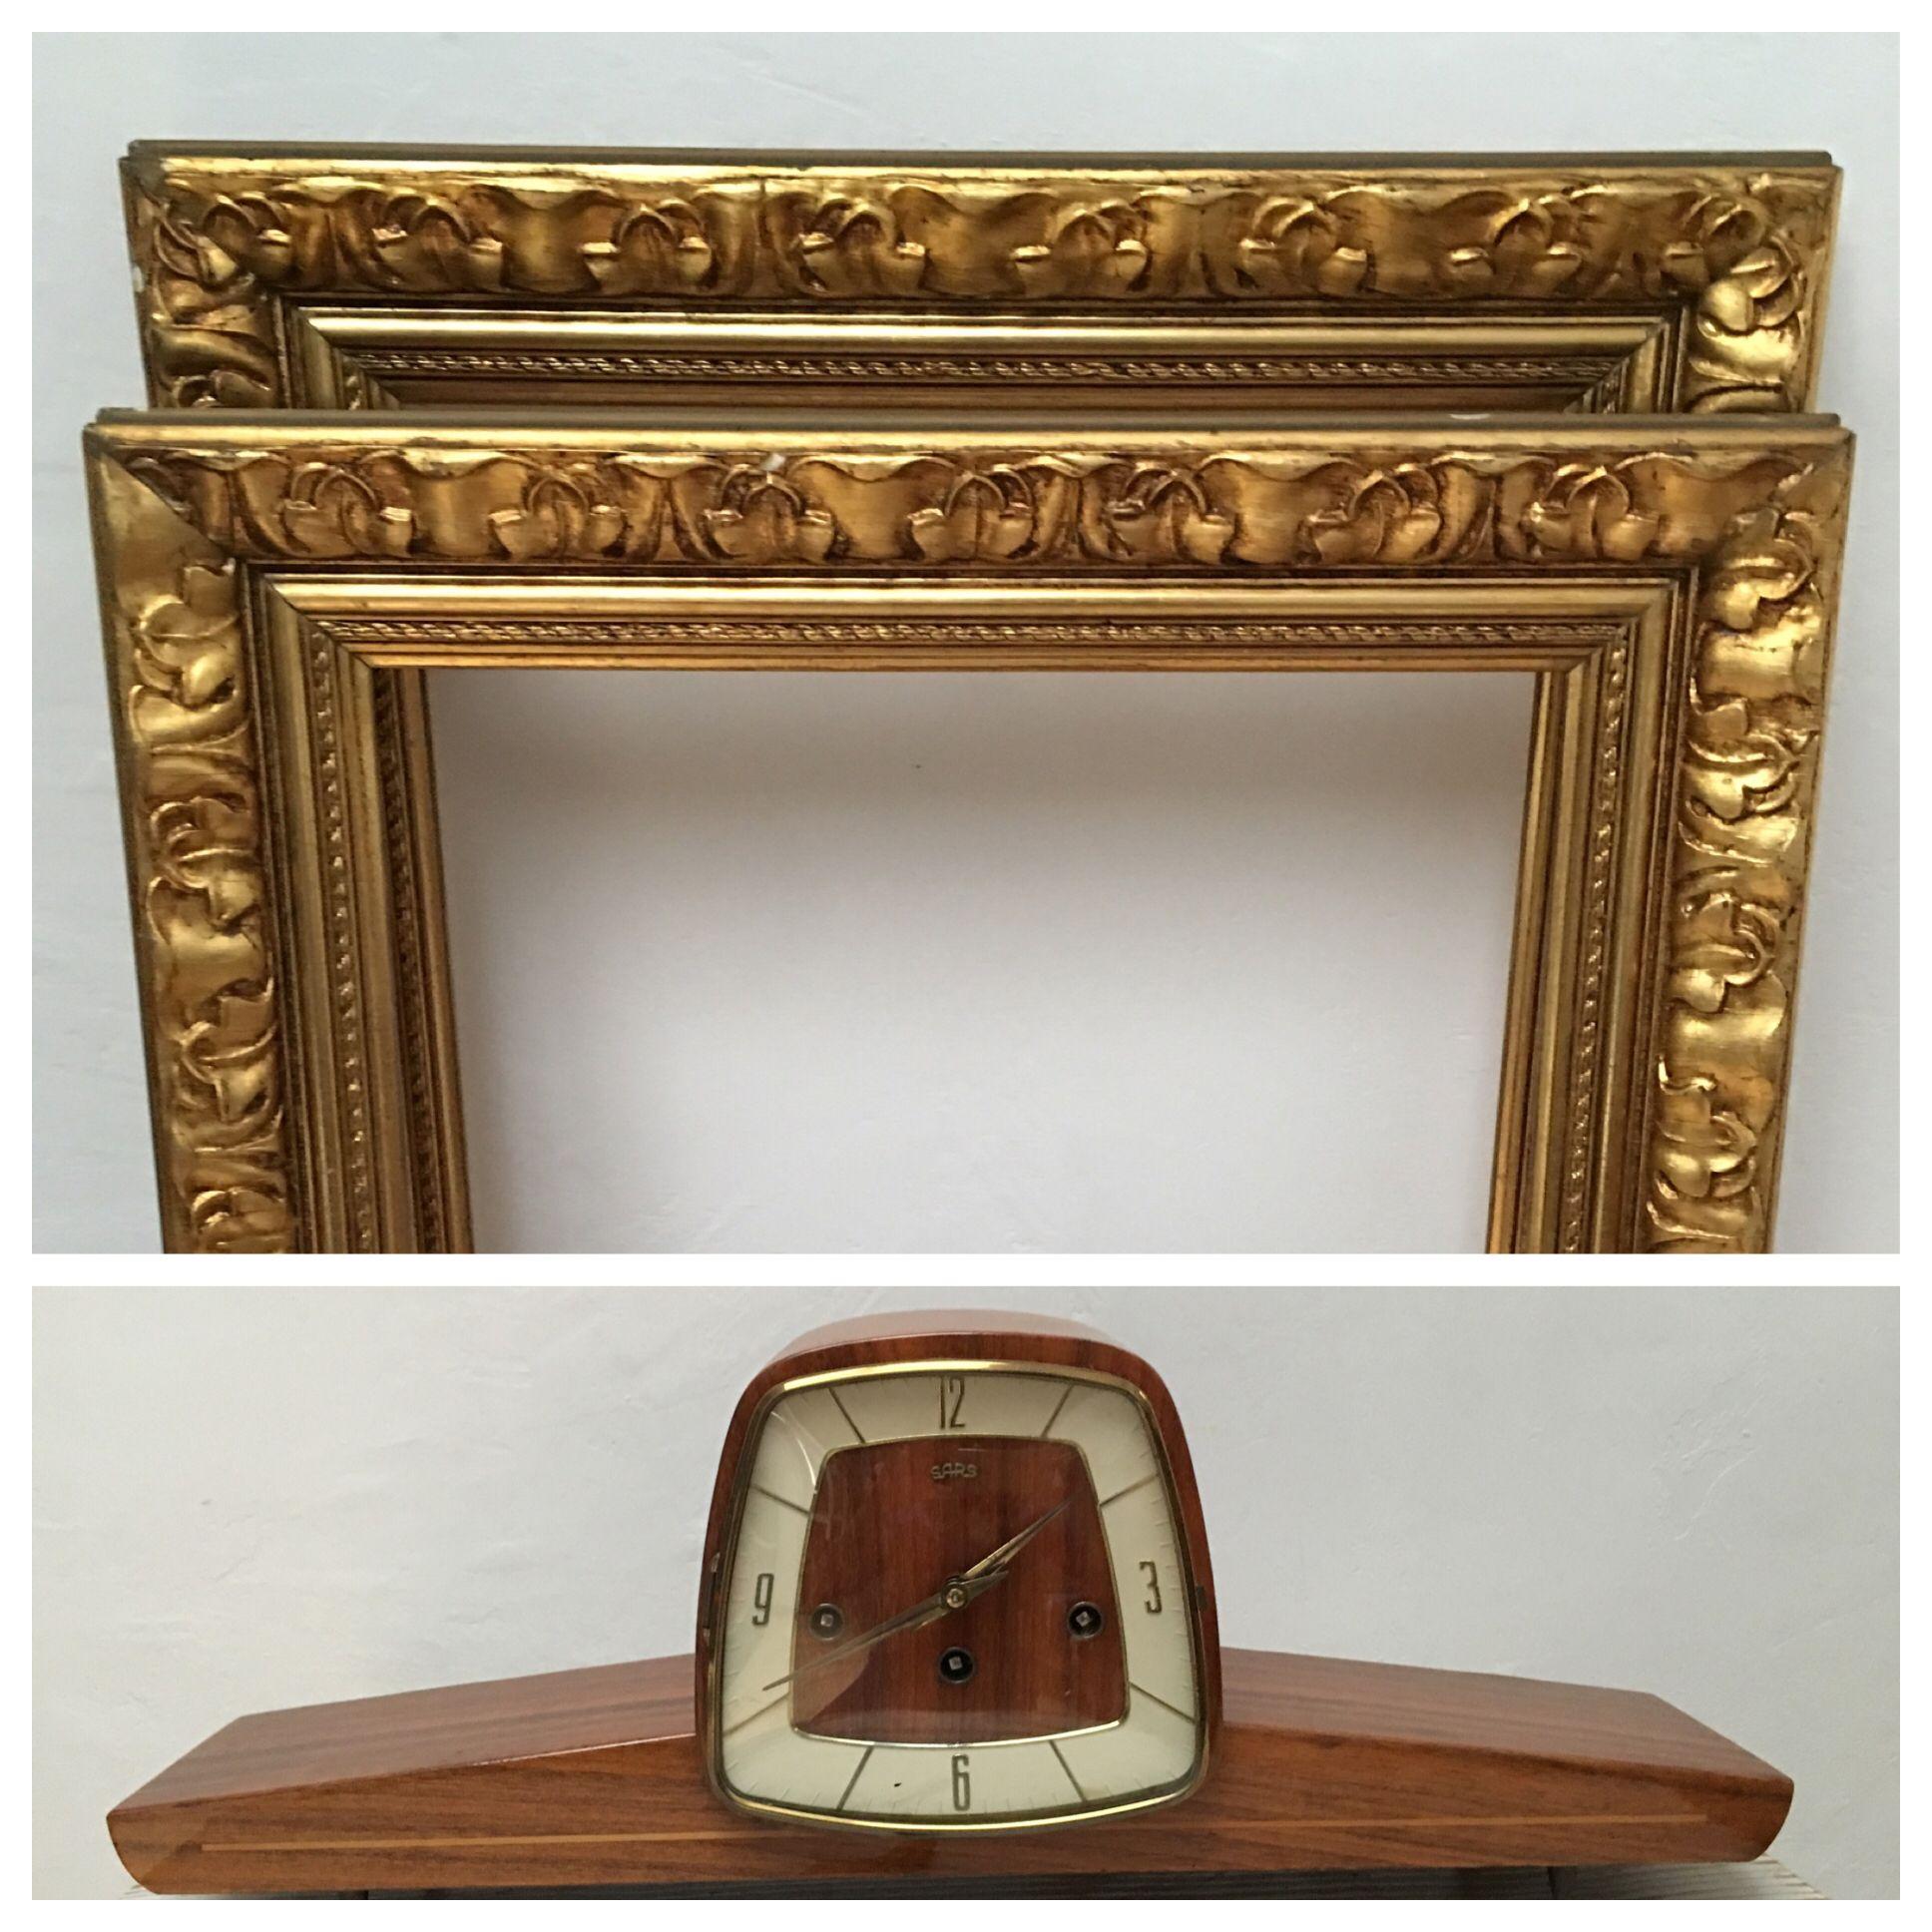 Tu tienda online vintage | Marcos dorados, Relojes antiguos y ...